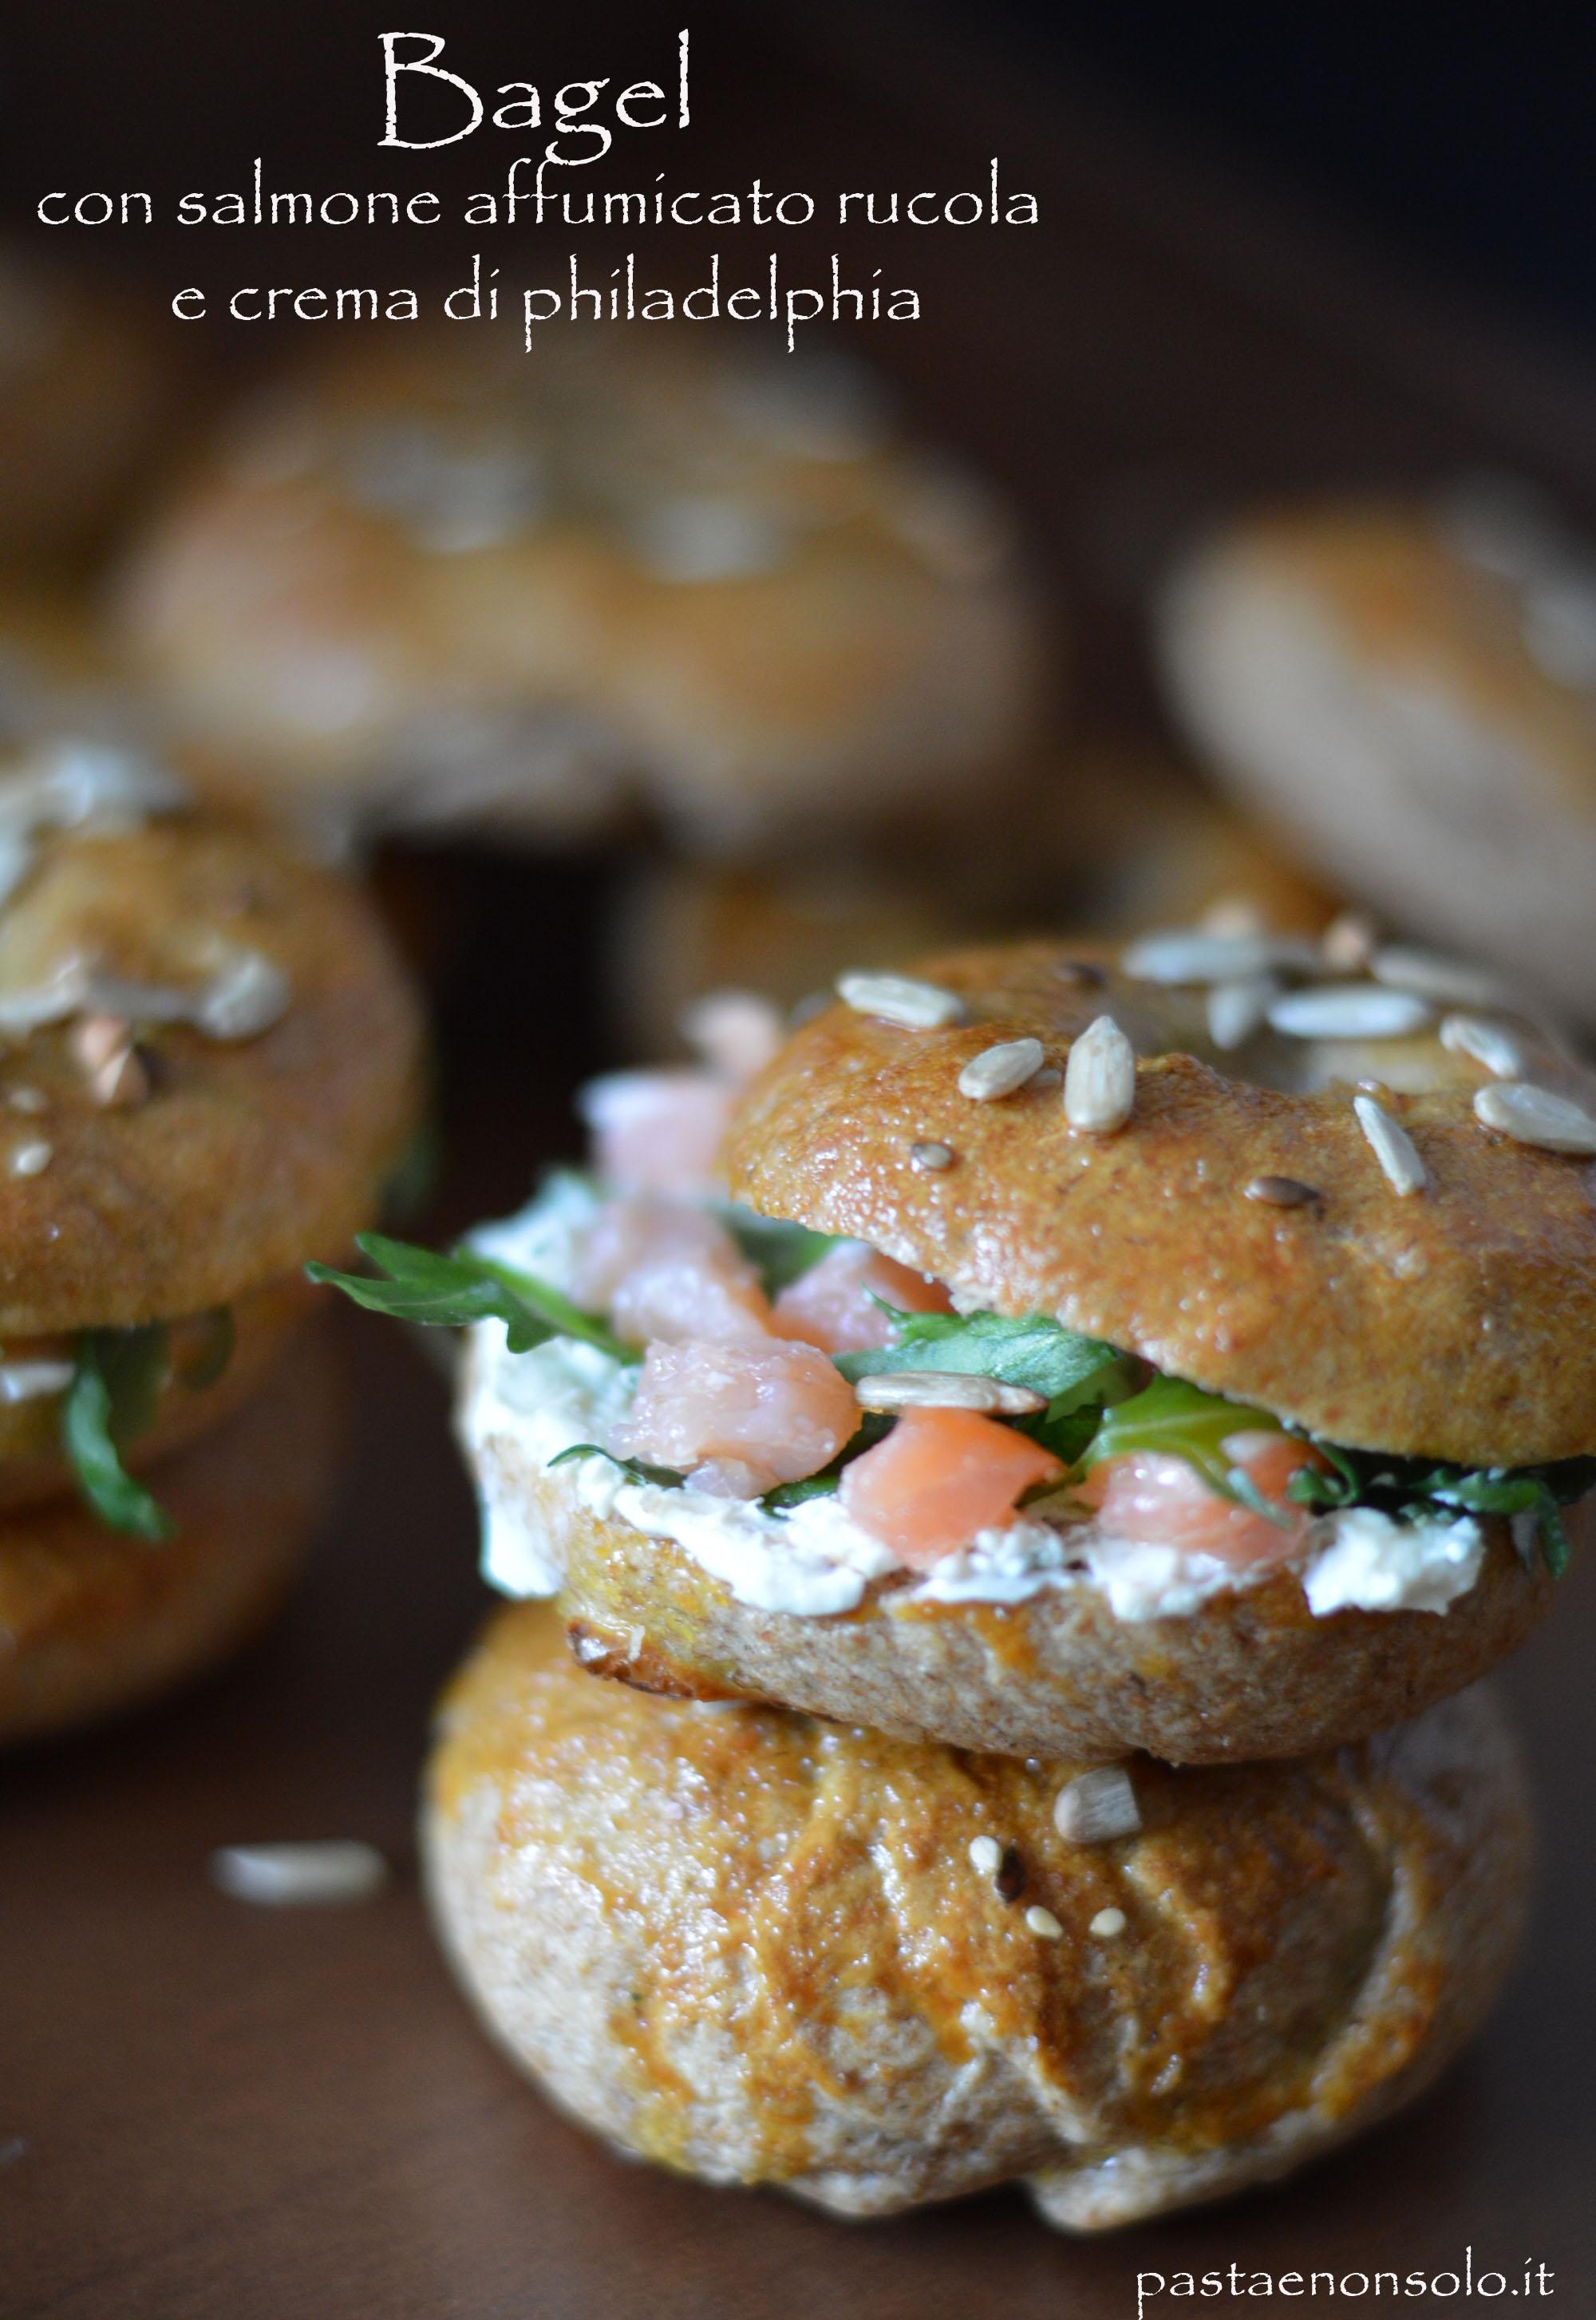 bagel con salmone affumicato rucola e crema di philadelphia